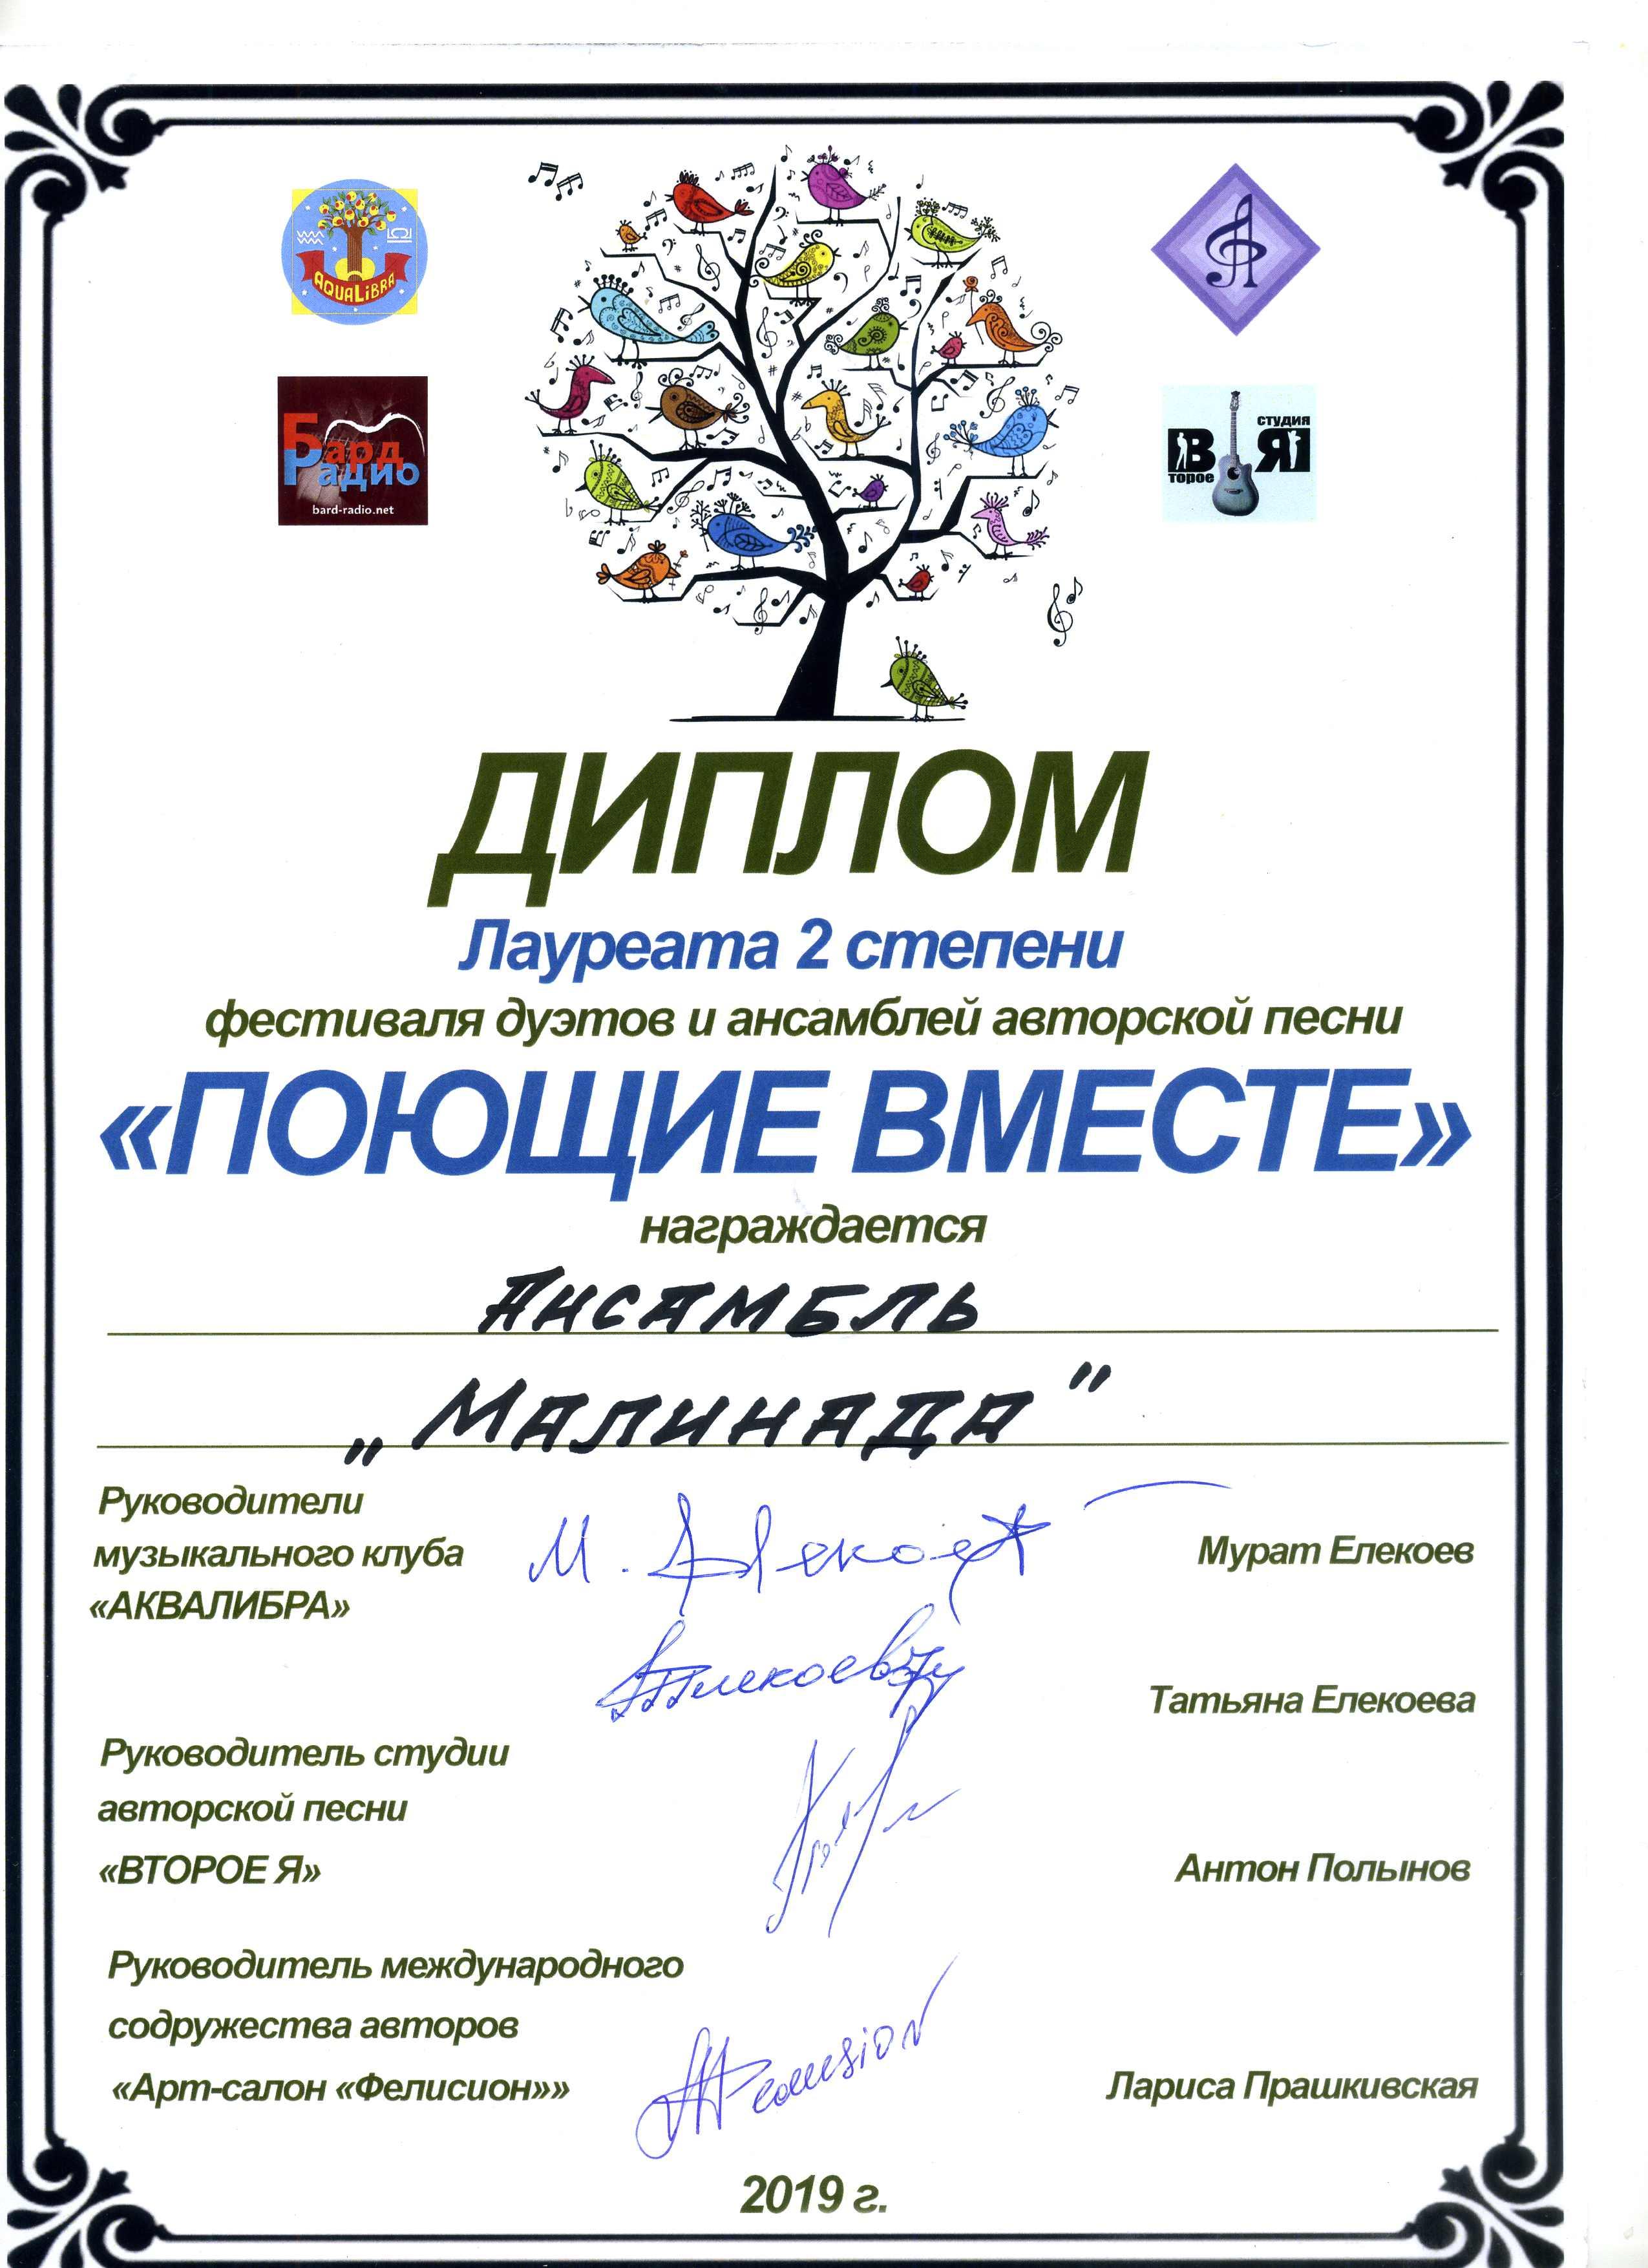 Лауреат Поющие вместе 17.02.19